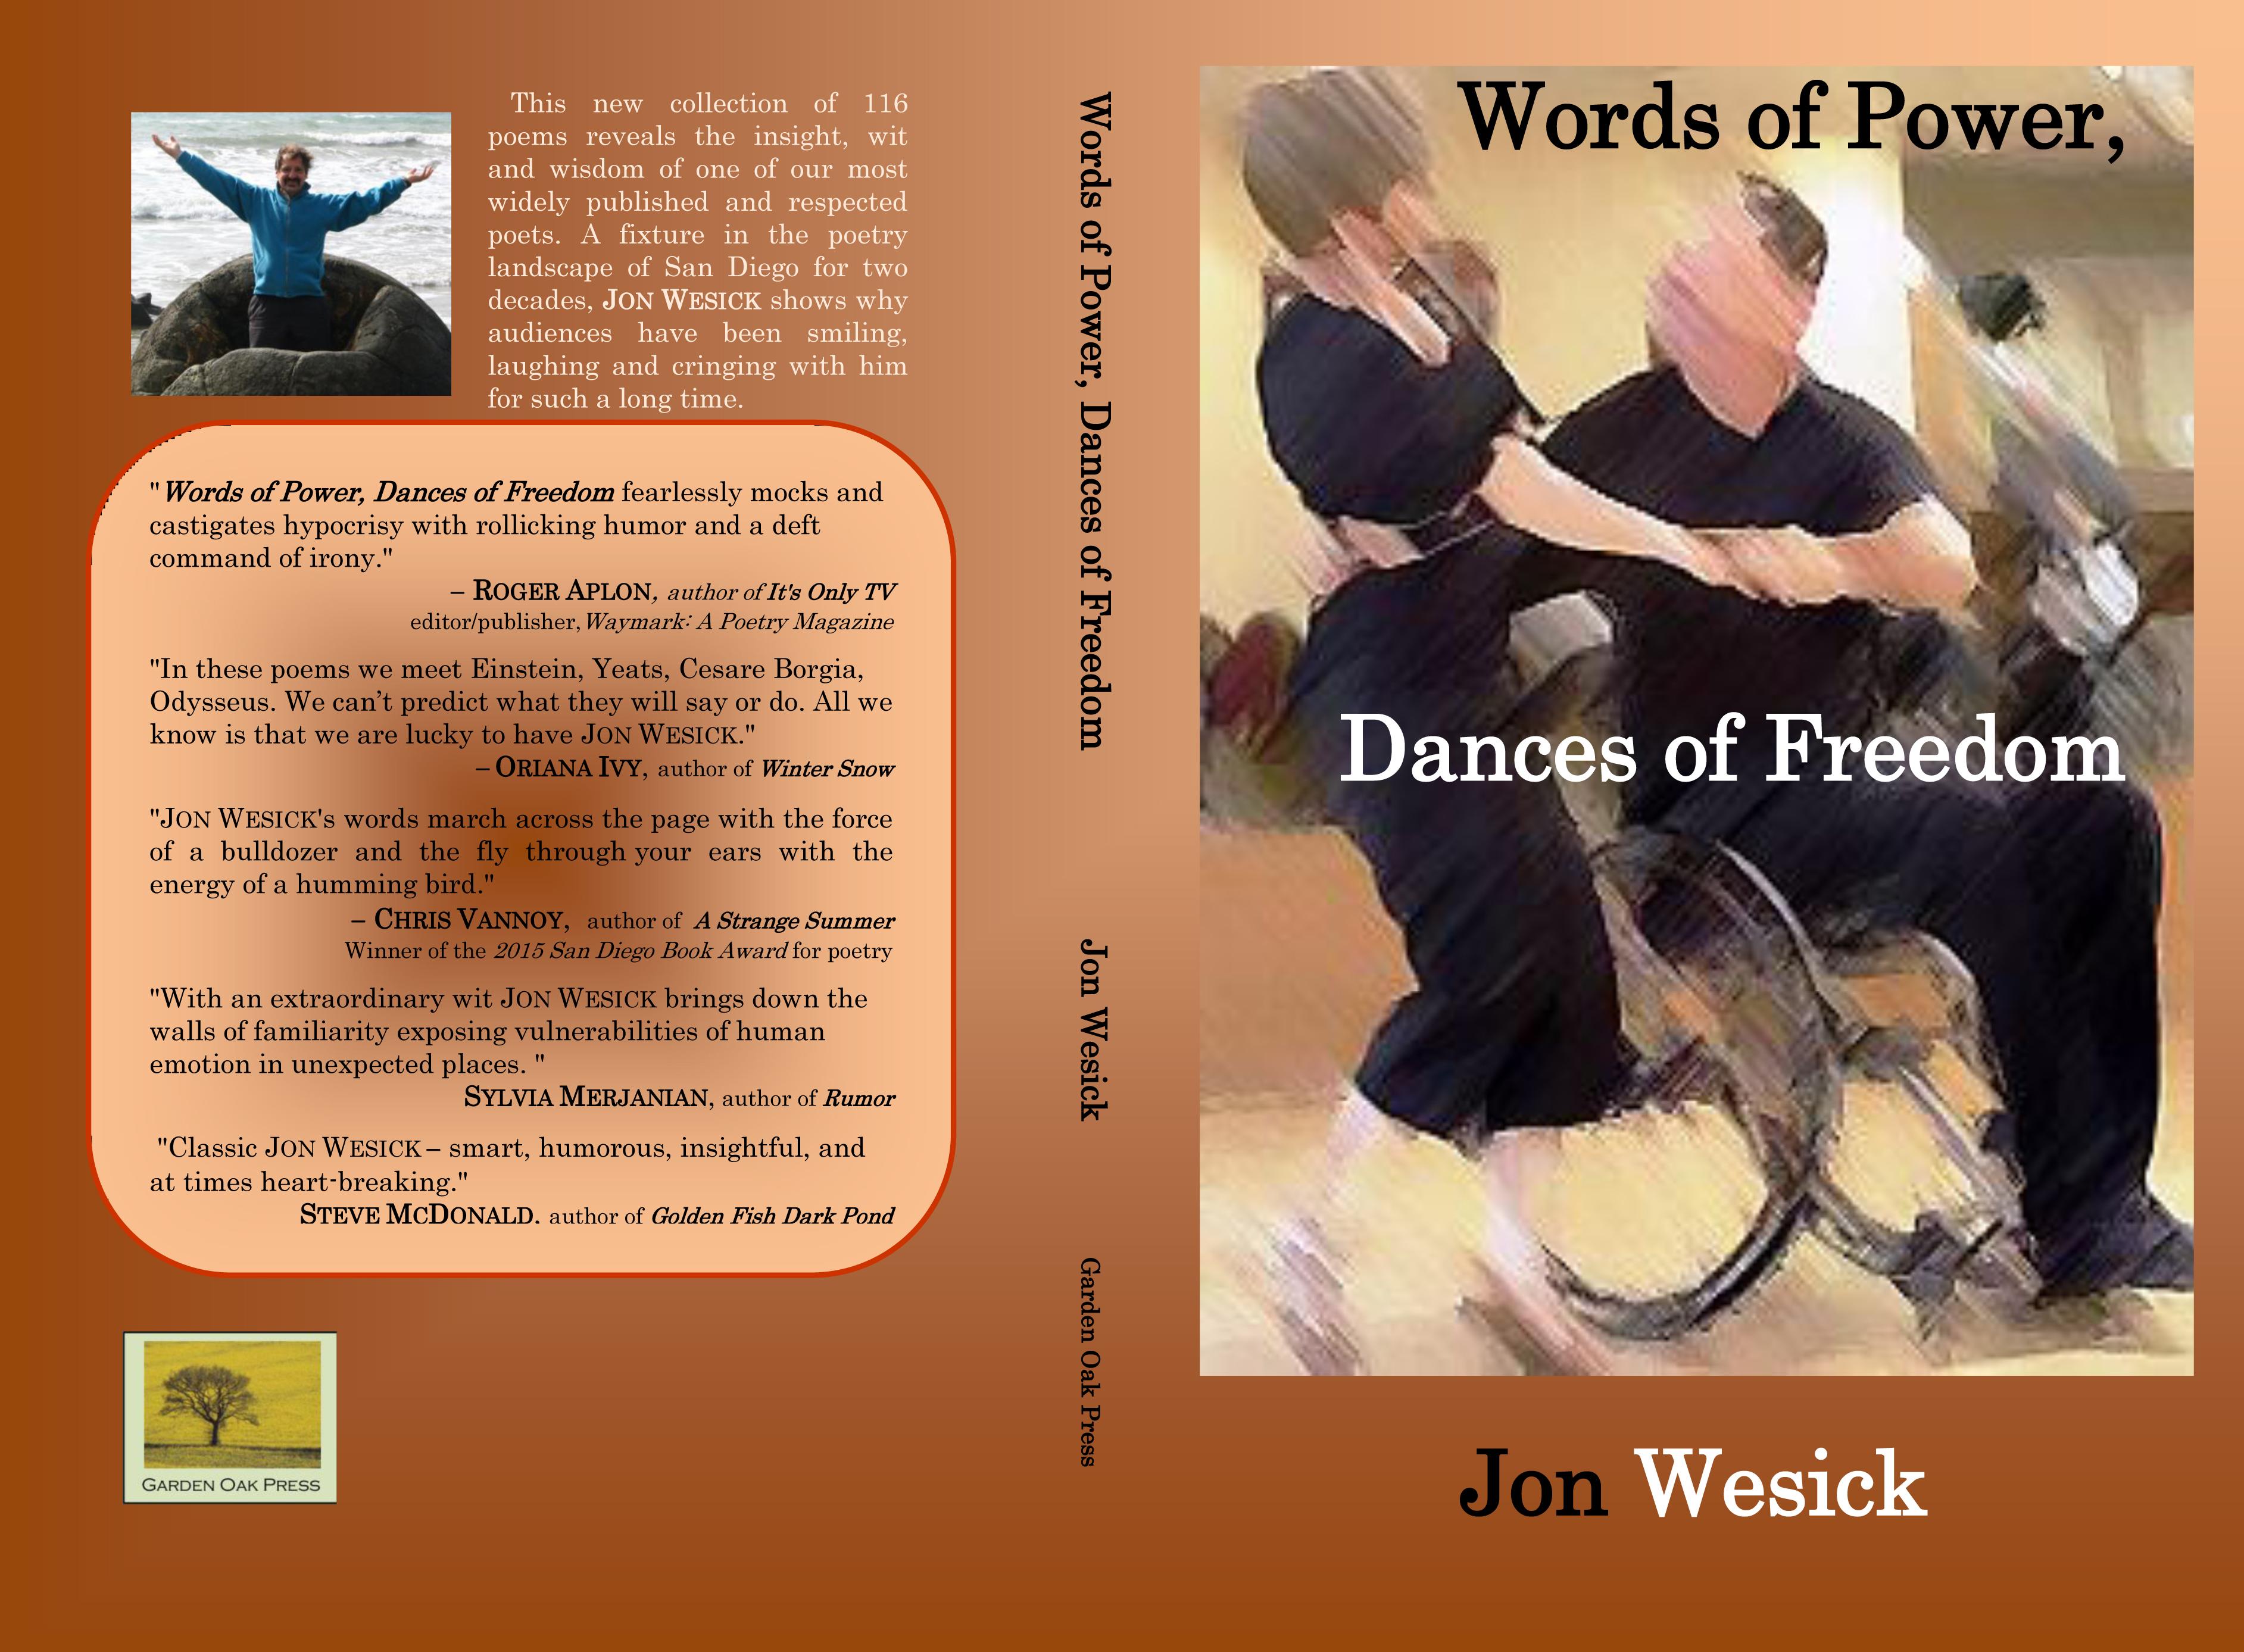 books 2015 garden oak press